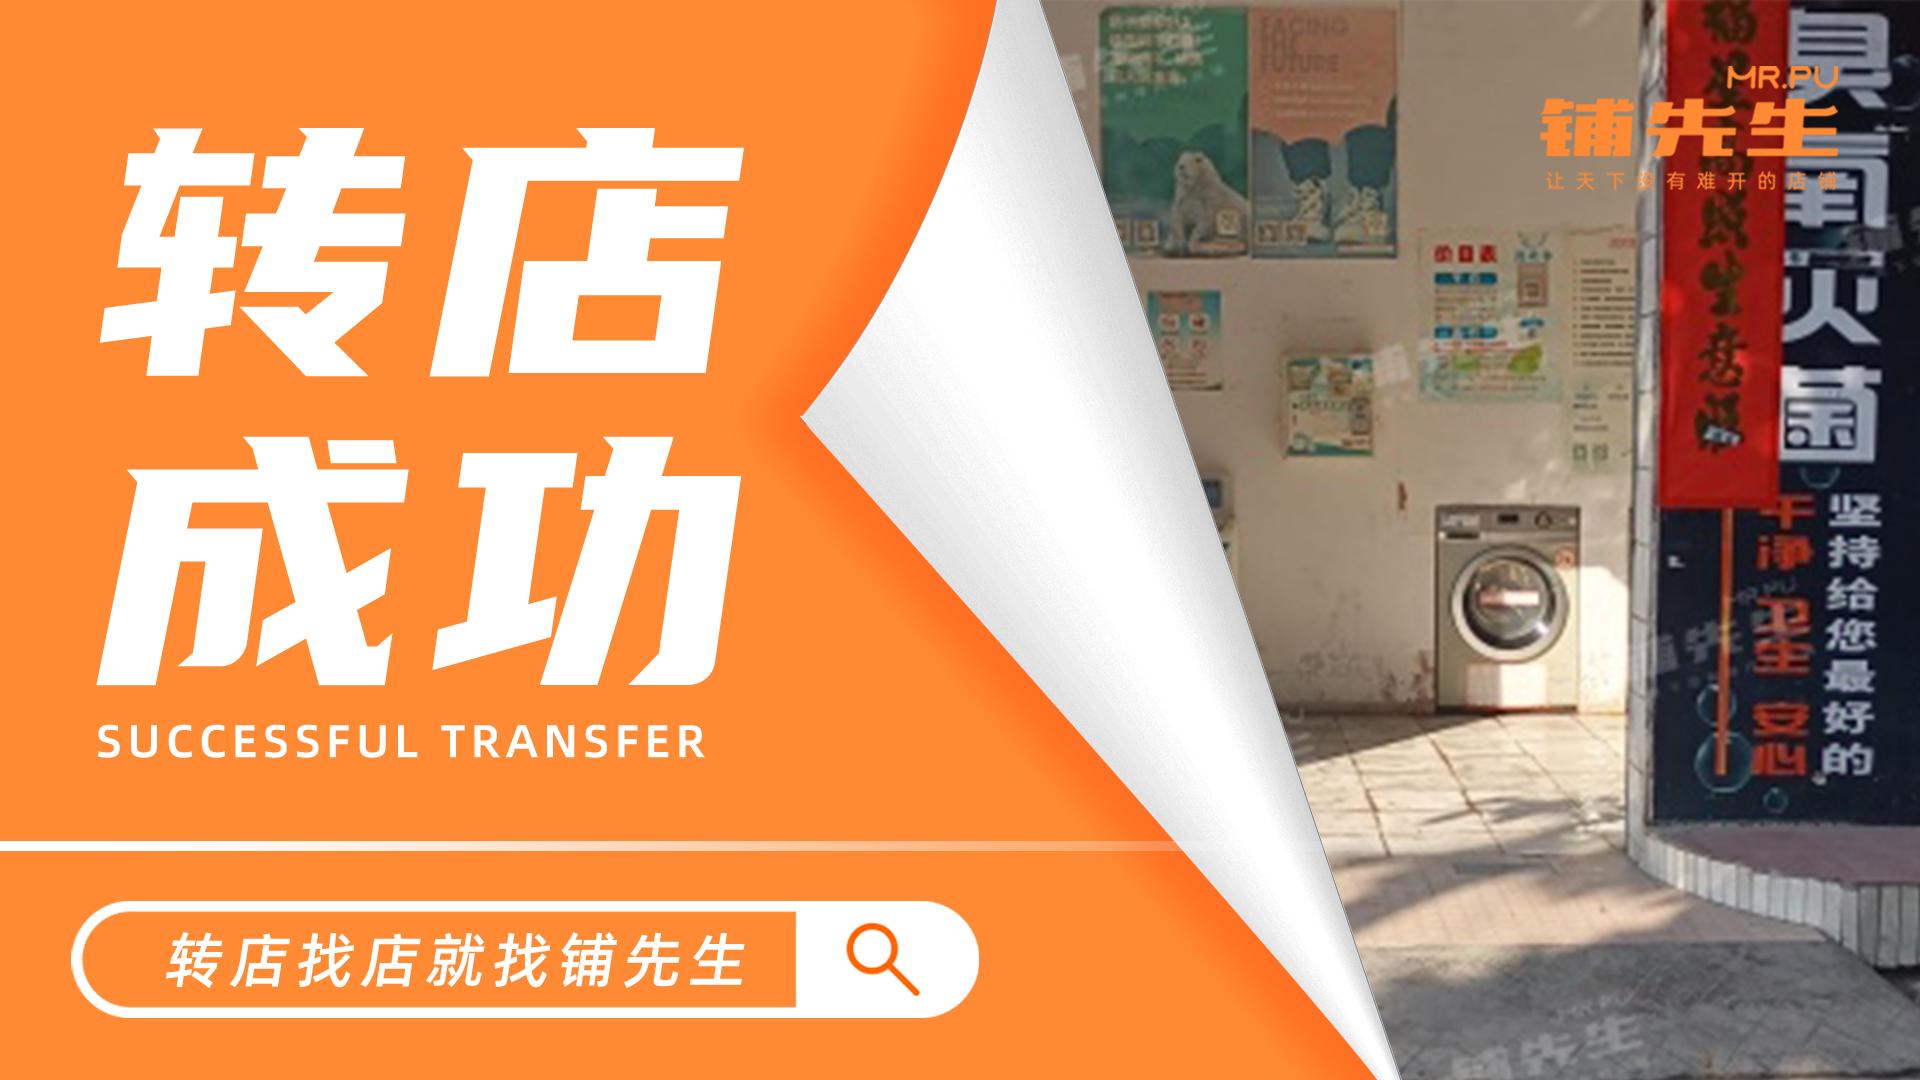 禅城生村农贸市场面对自助洗衣店铺先生转让店铺成功